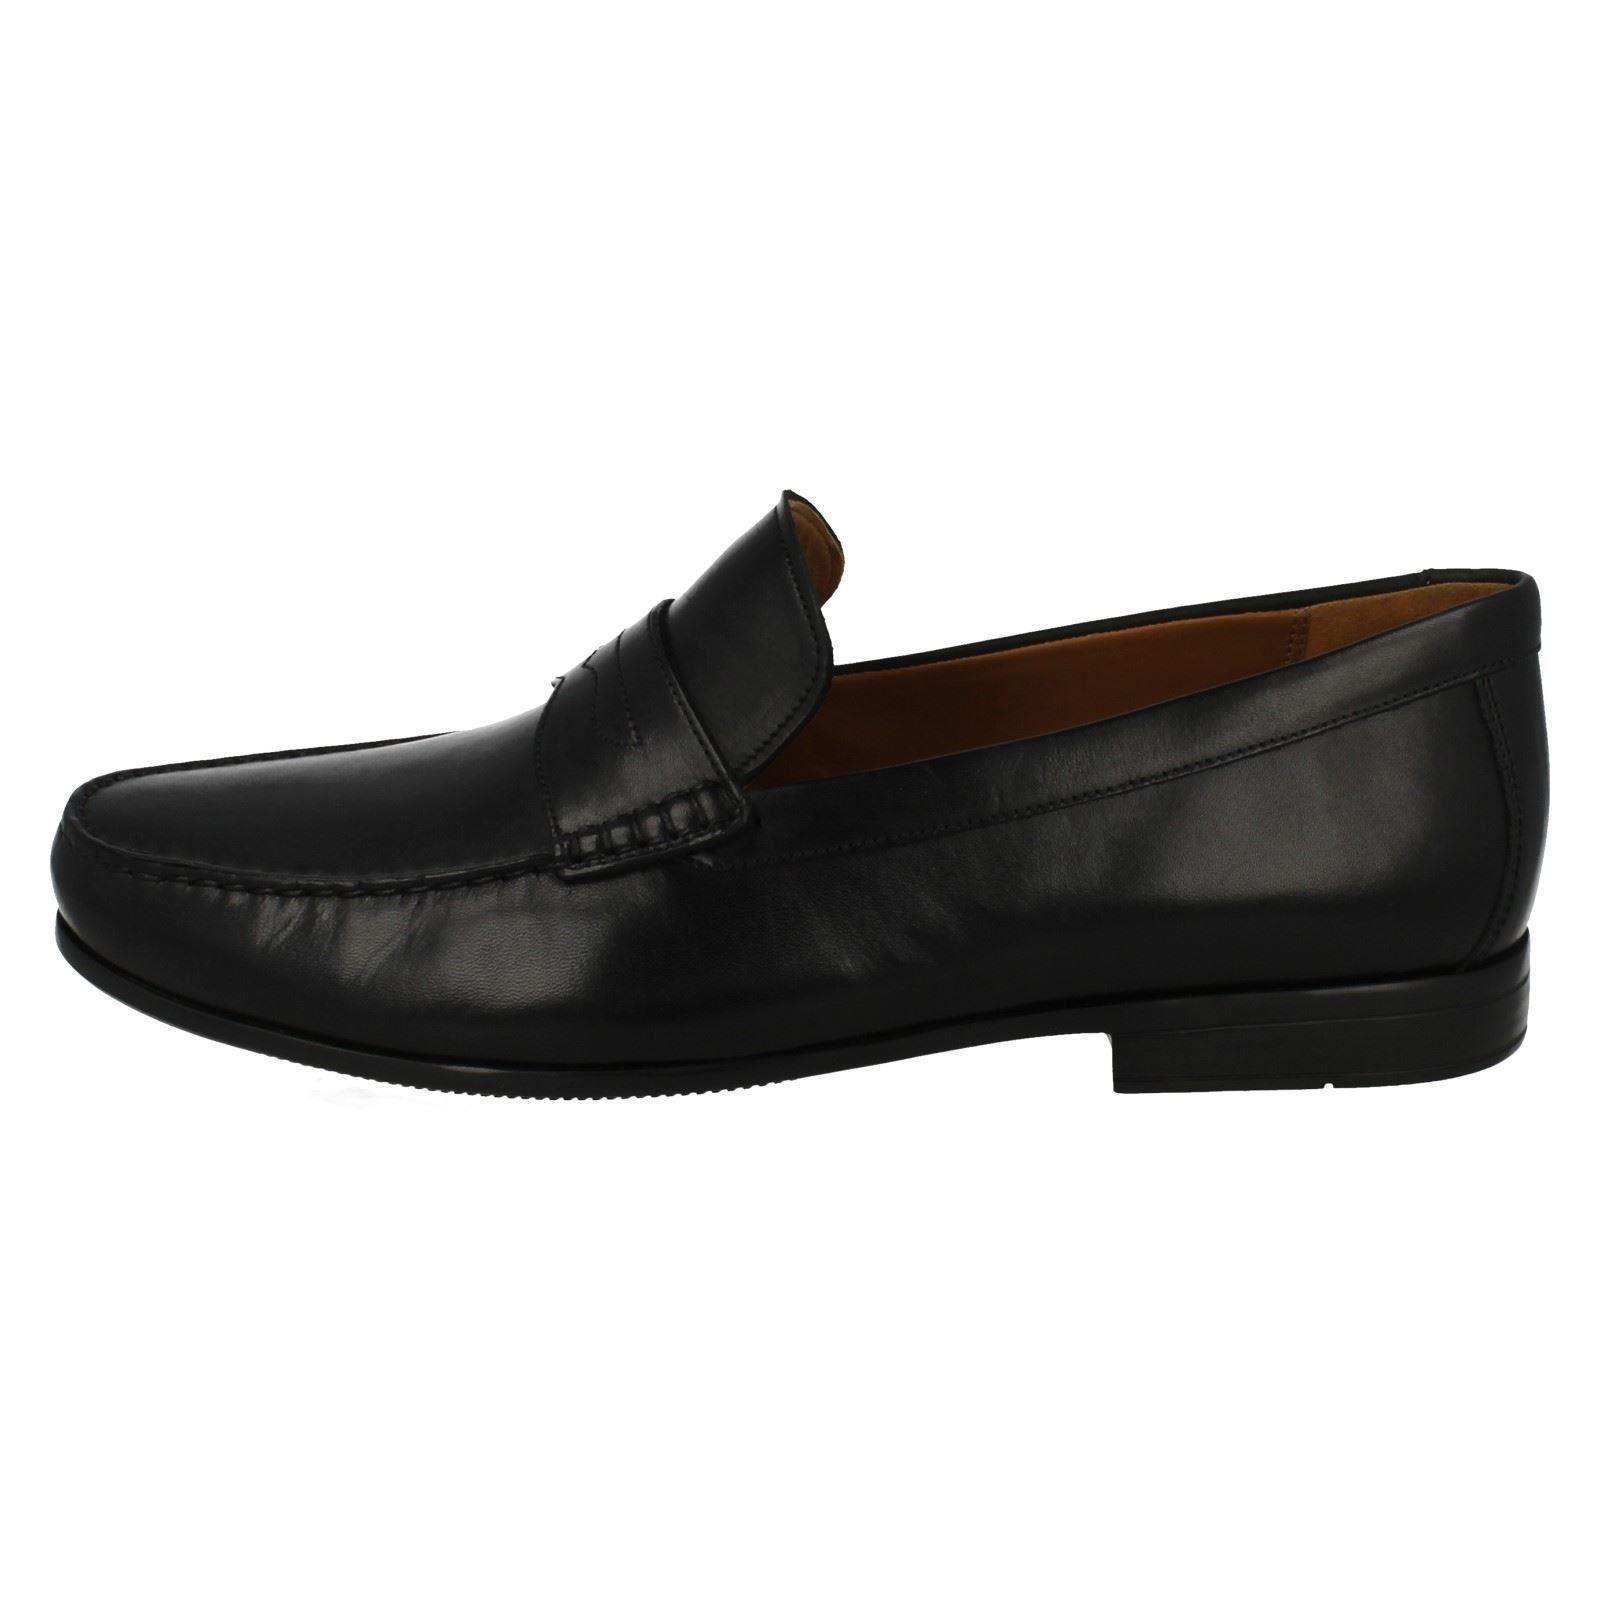 Clarks cuero zapatos mocasín hombre de Clarks para en Claude Lane negro formales estilo rqBXr01